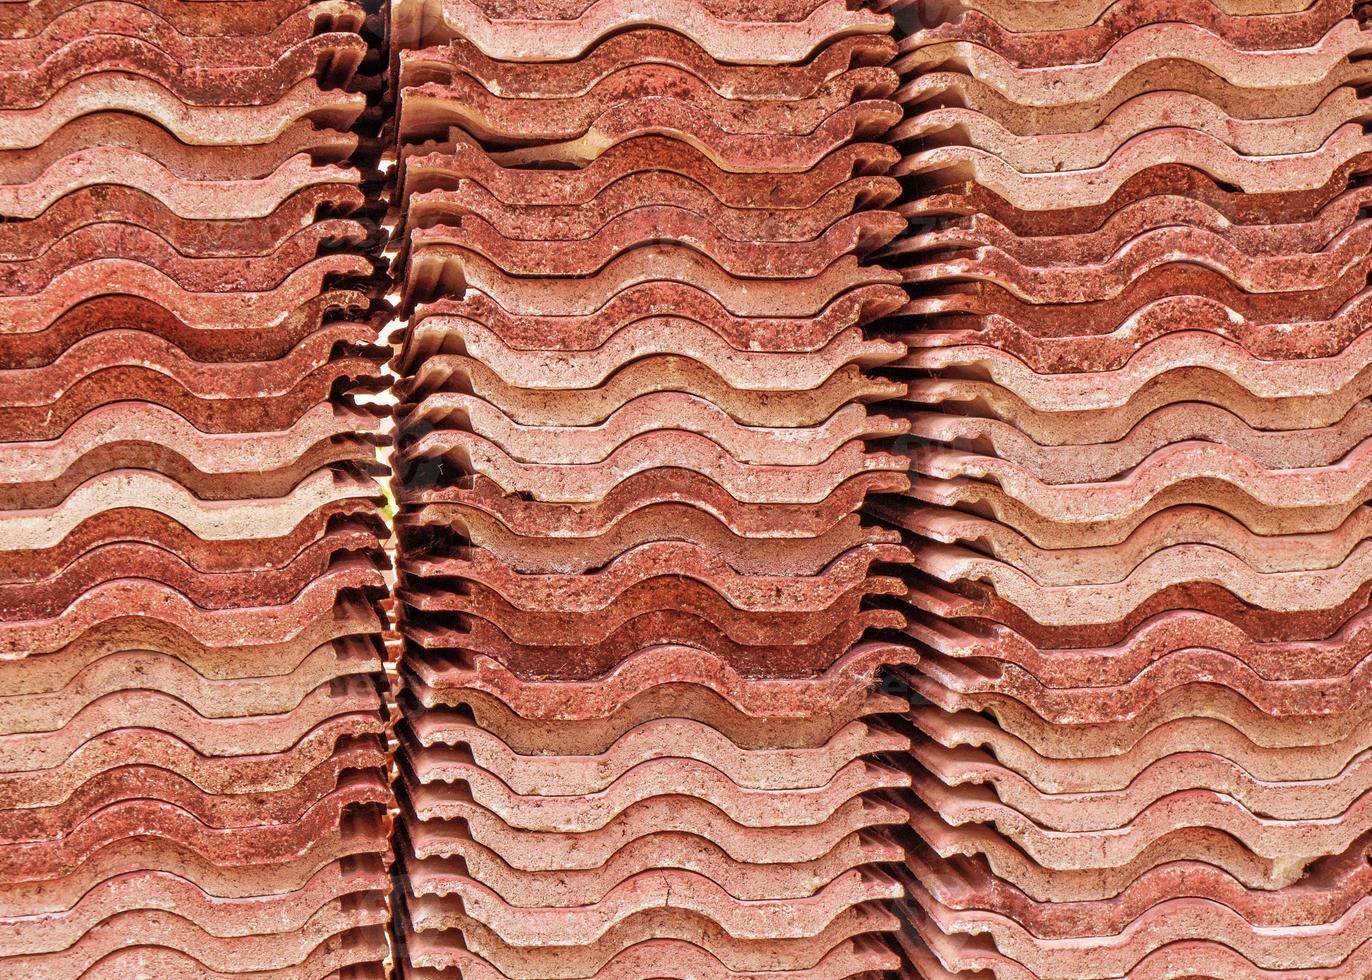 Stapel roter Dachziegel foto